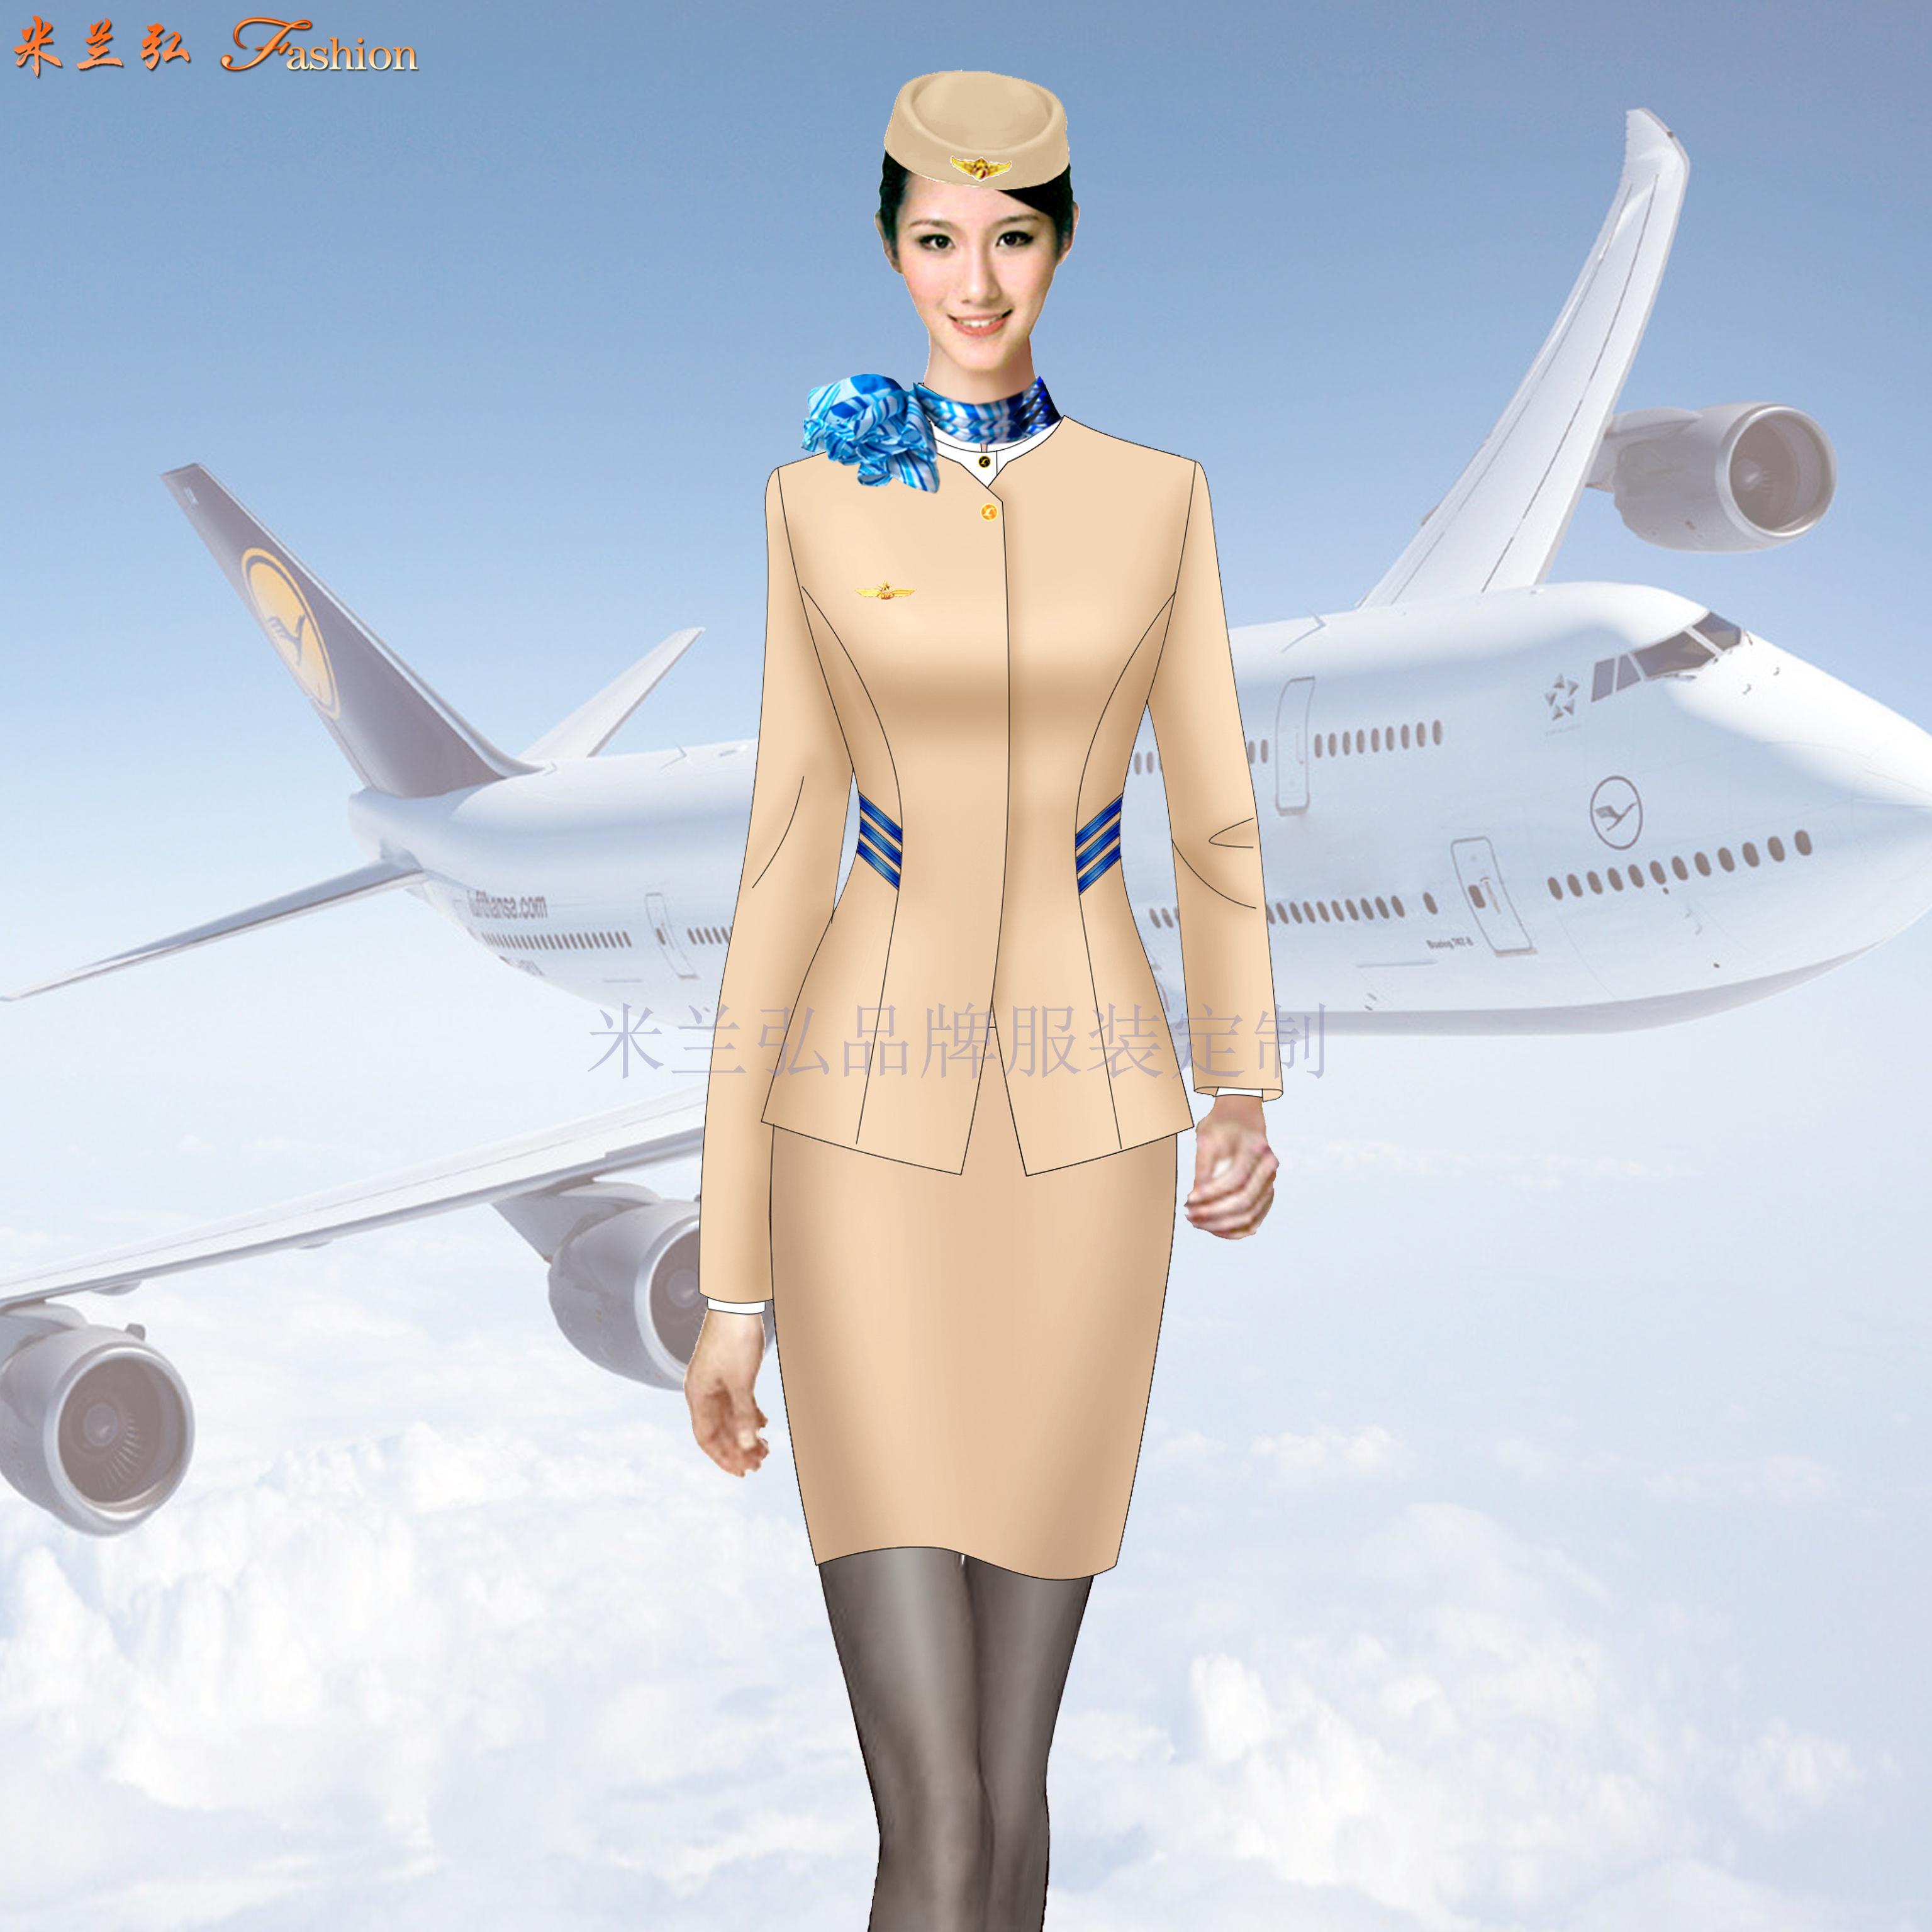 成都空姐服定製-空姐服設計製作公司-最新送体验金网站服裝-4